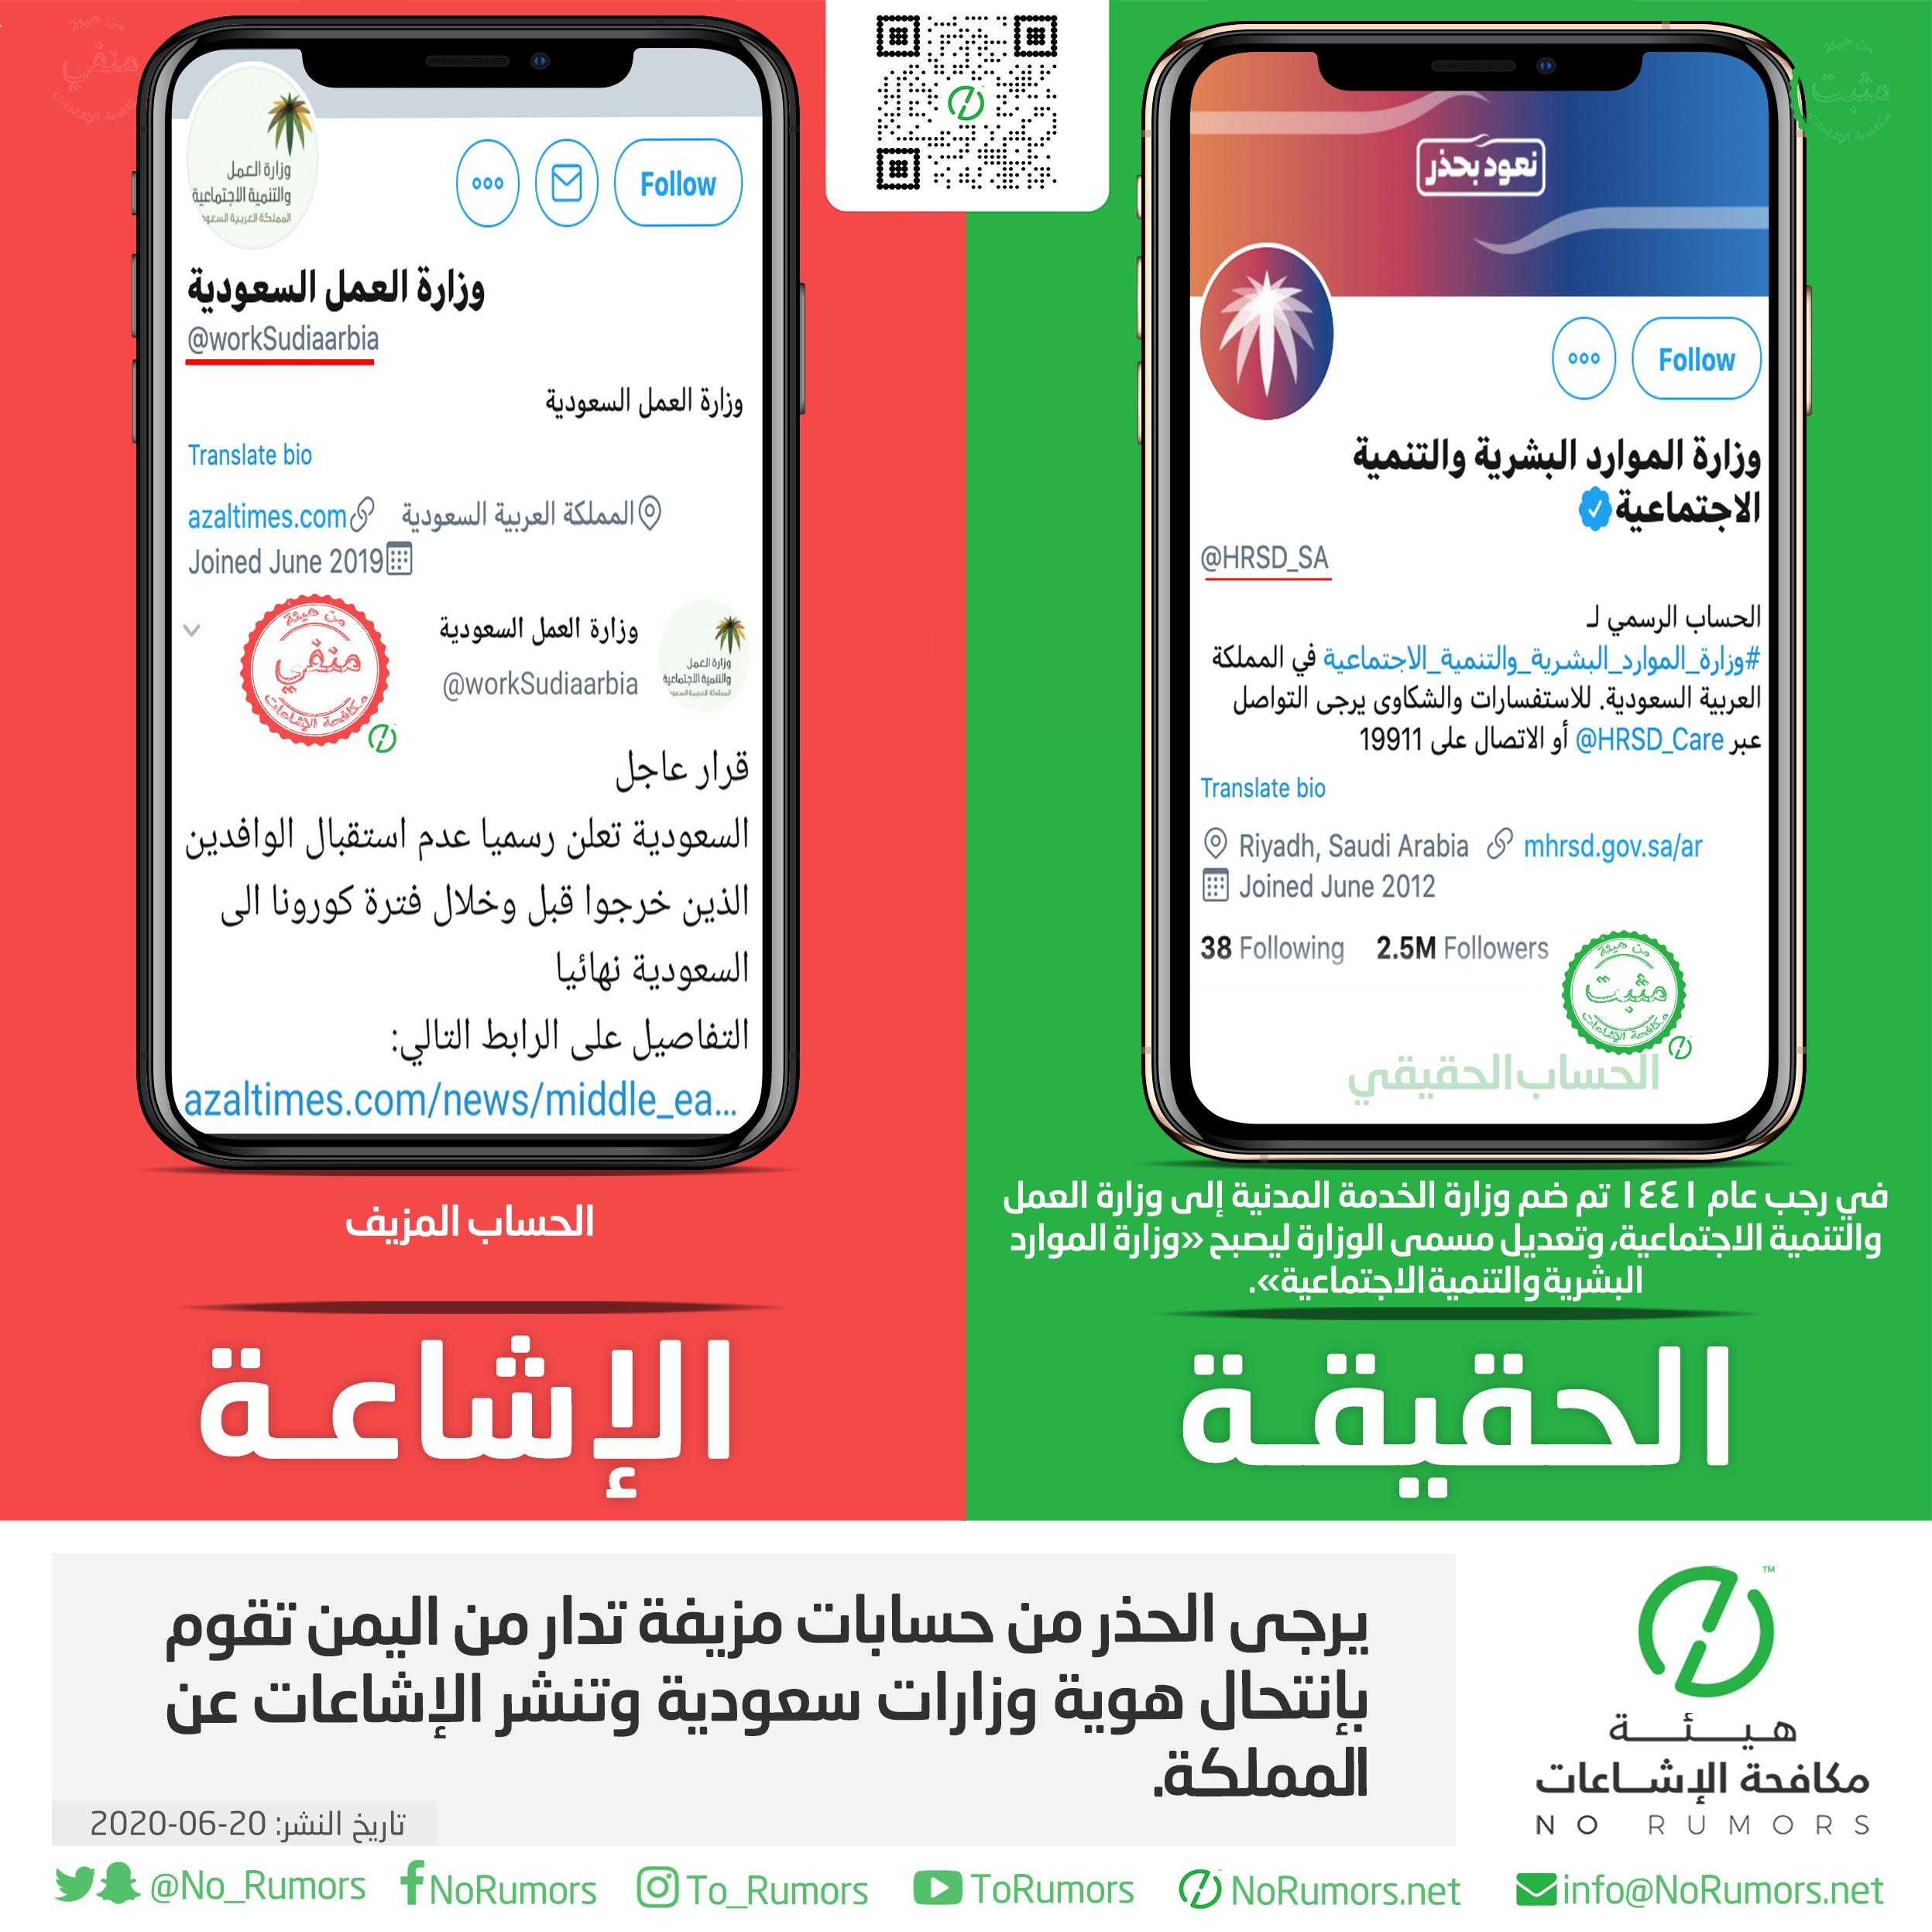 يرجى الحذر من حسابات مزيفة تدار من اليمن تقوم بإنتحال هوية وزارات سعودية